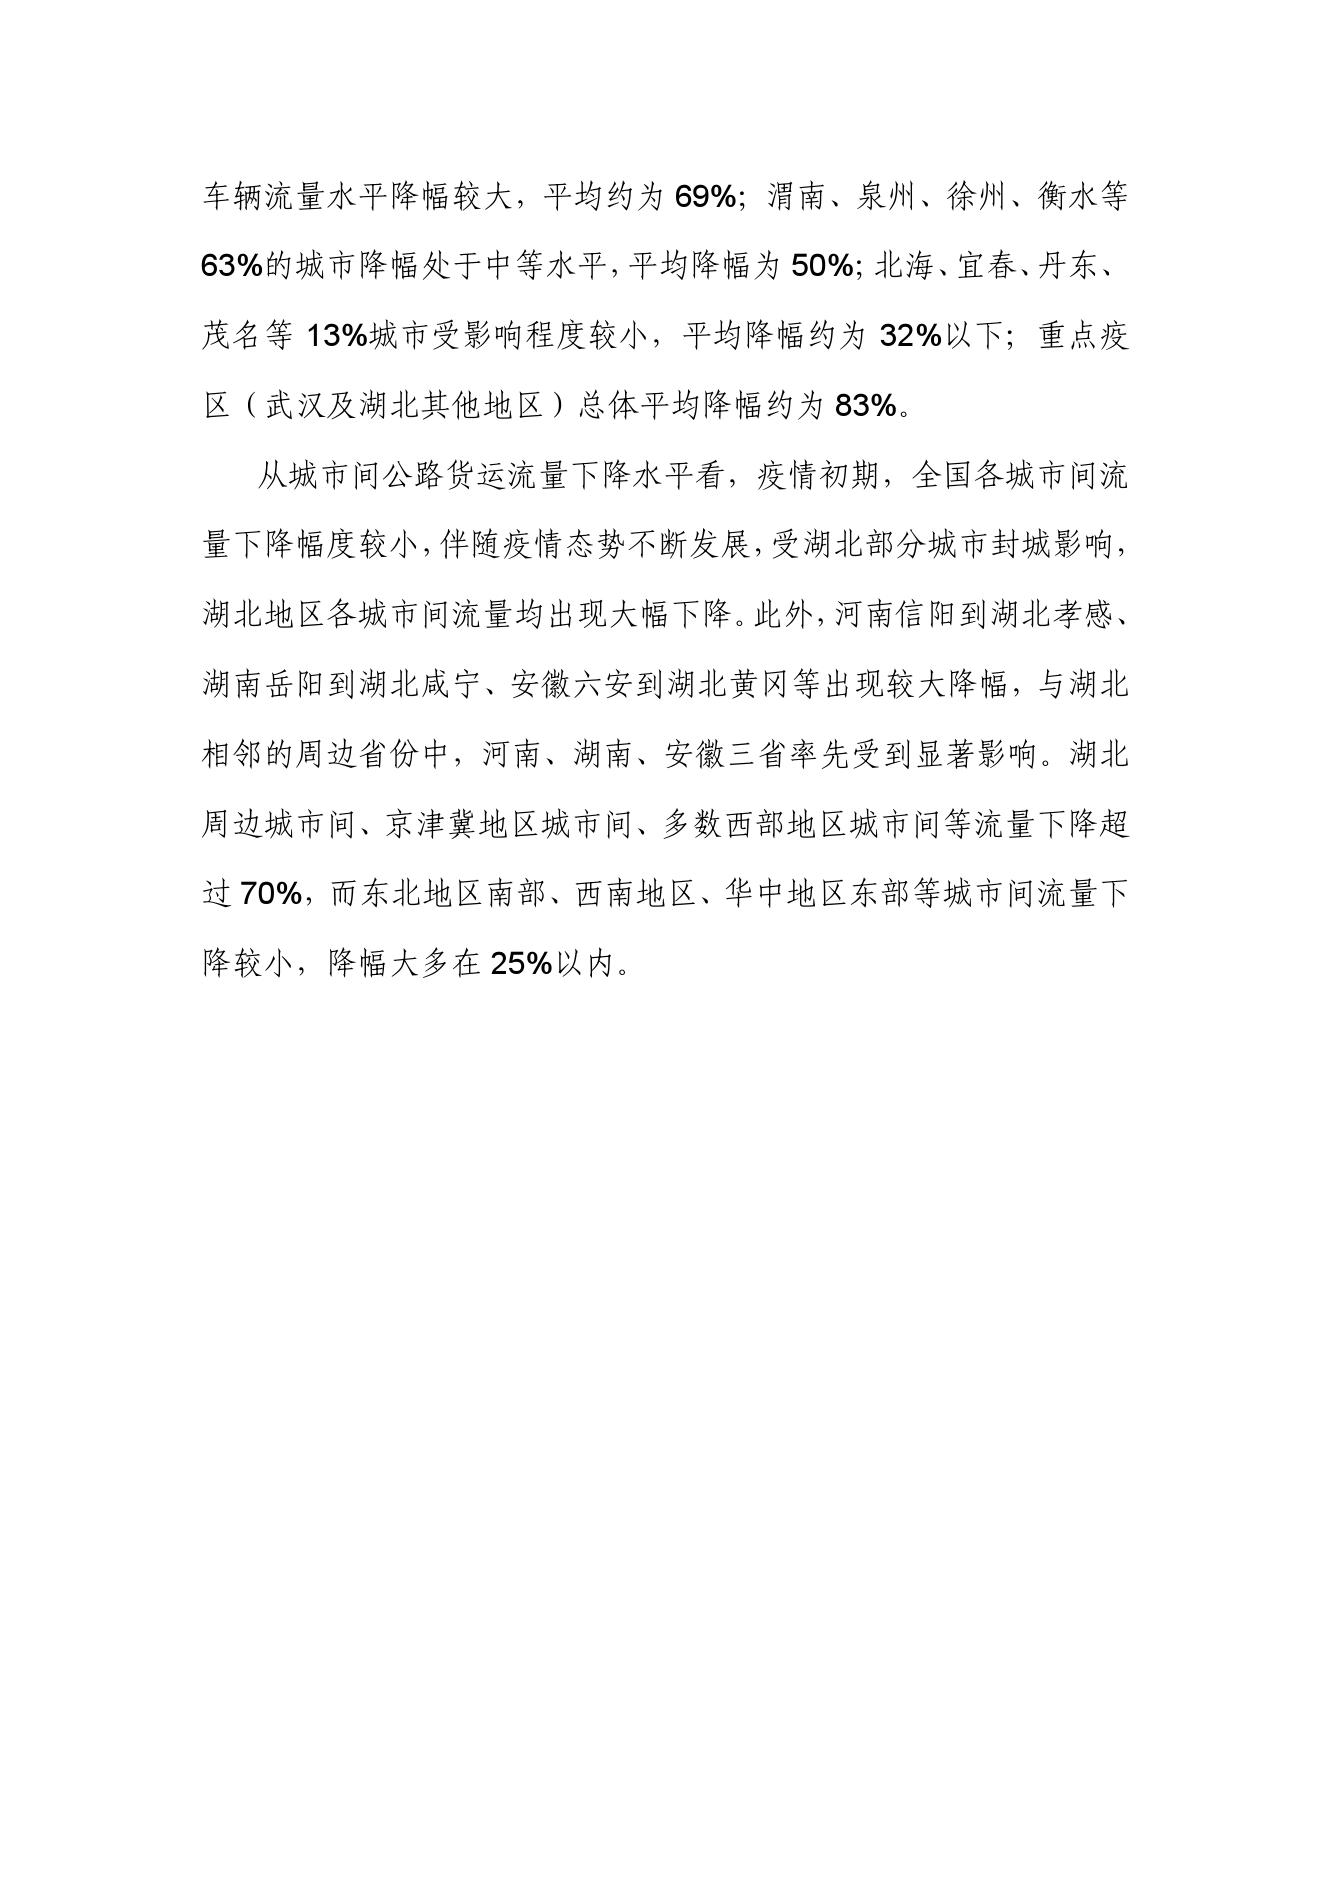 长安大学:中国公路货运疫情影响分析简报(可下载报告)插图(27)